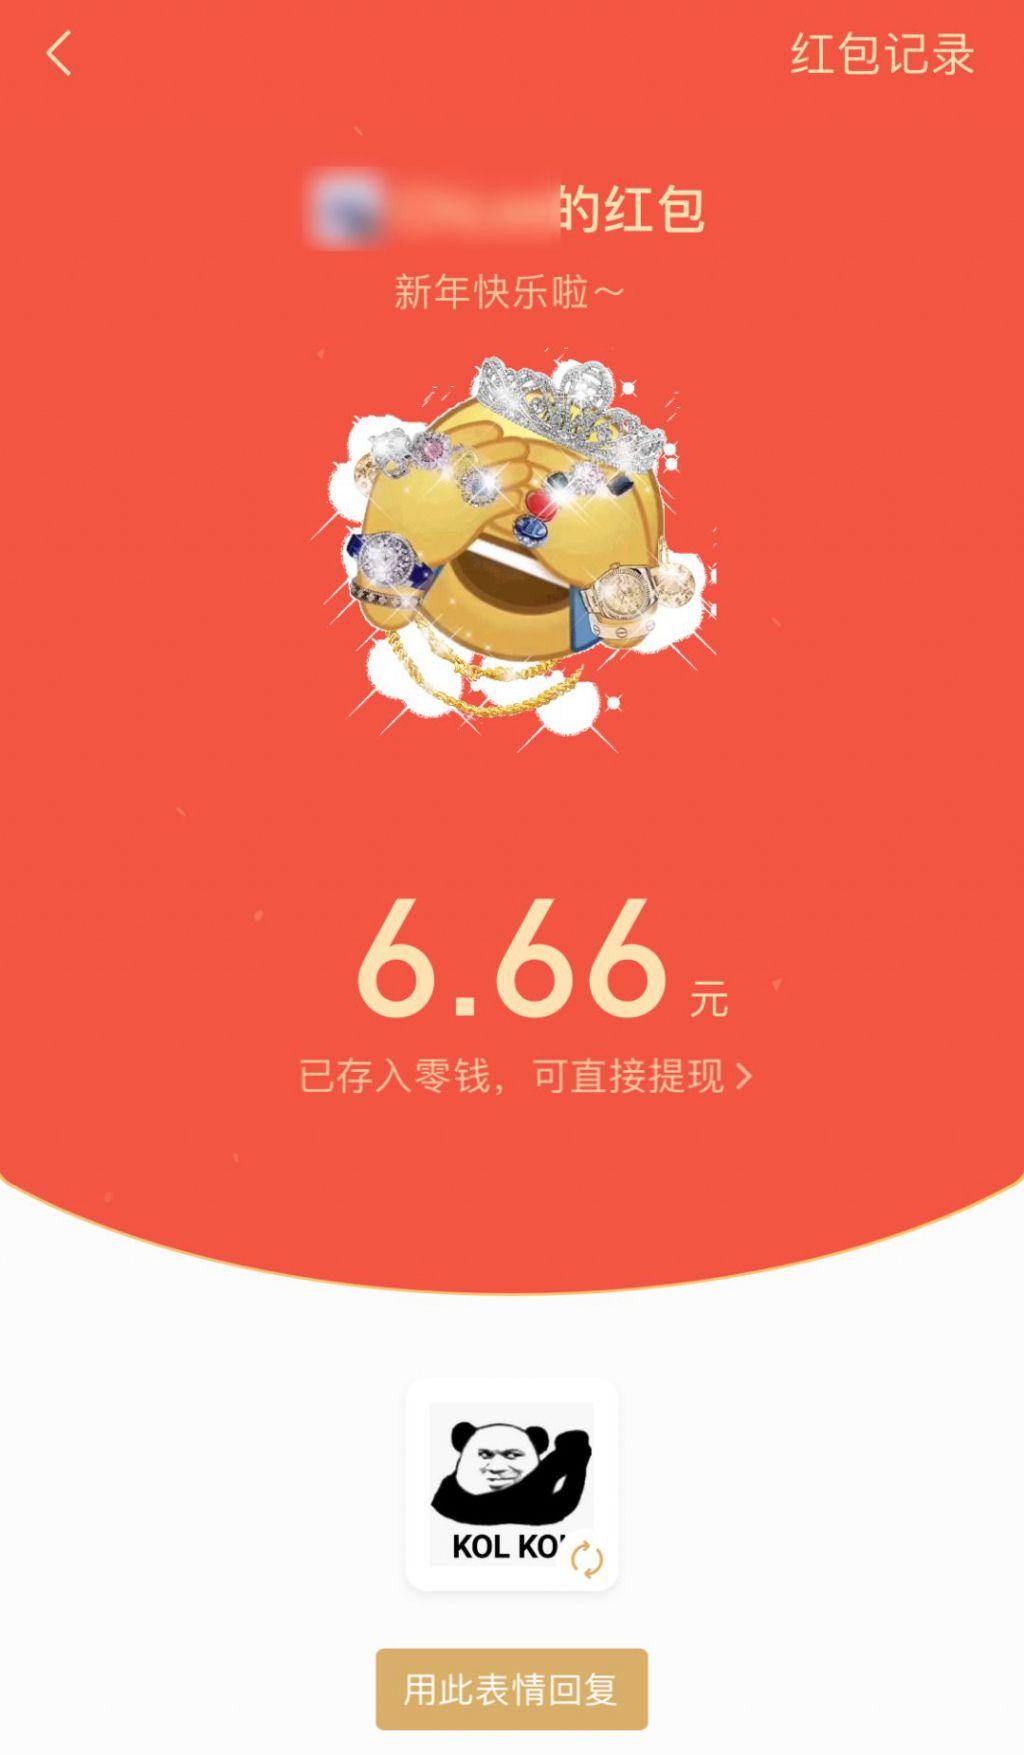 微信玩法发表网友整套搞笑表情包图片:发钱还出新情!红包:破图片